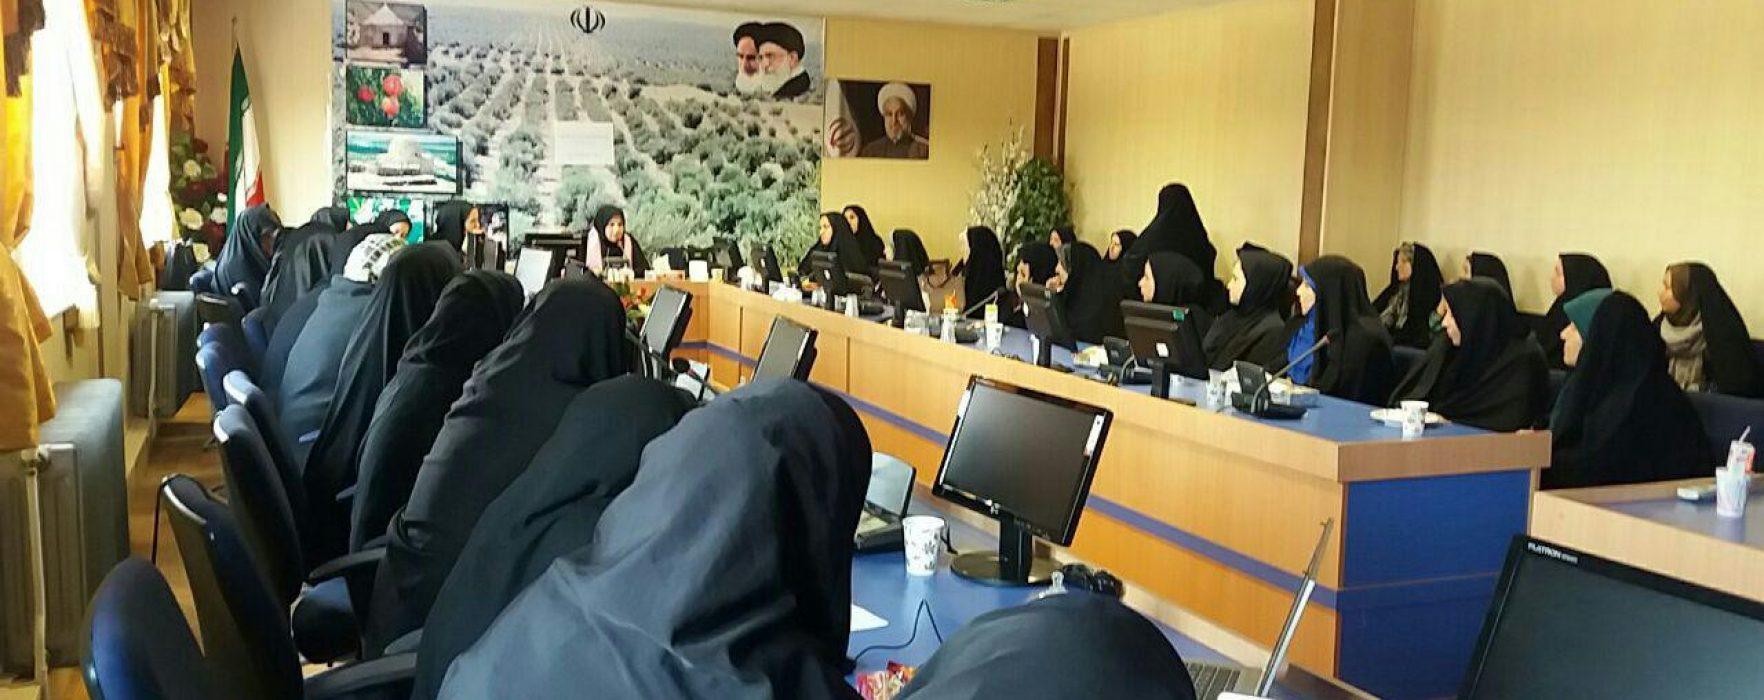 تشکیل کارگاه آموزشی پیشگیری از سرطان سینه مهرانه در زنجان